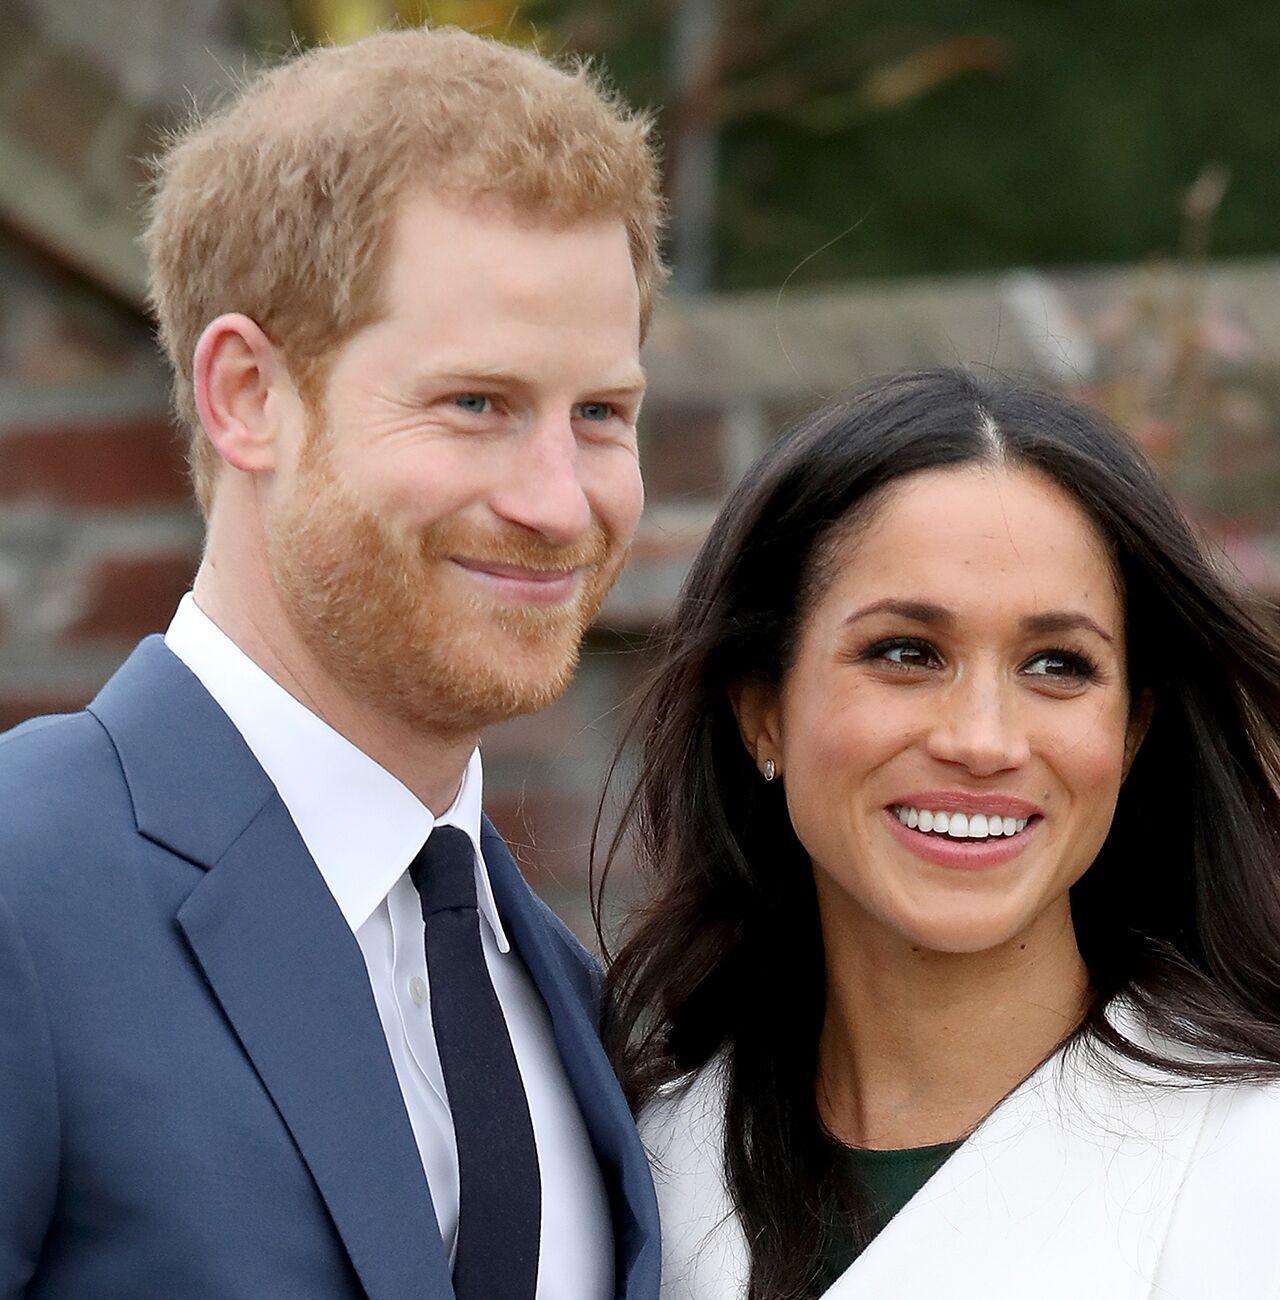 Королевская семья задумала вернуть принца Гарри и Меган Маркл в Великобританию: Люди: Из жизни: Lenta.ru